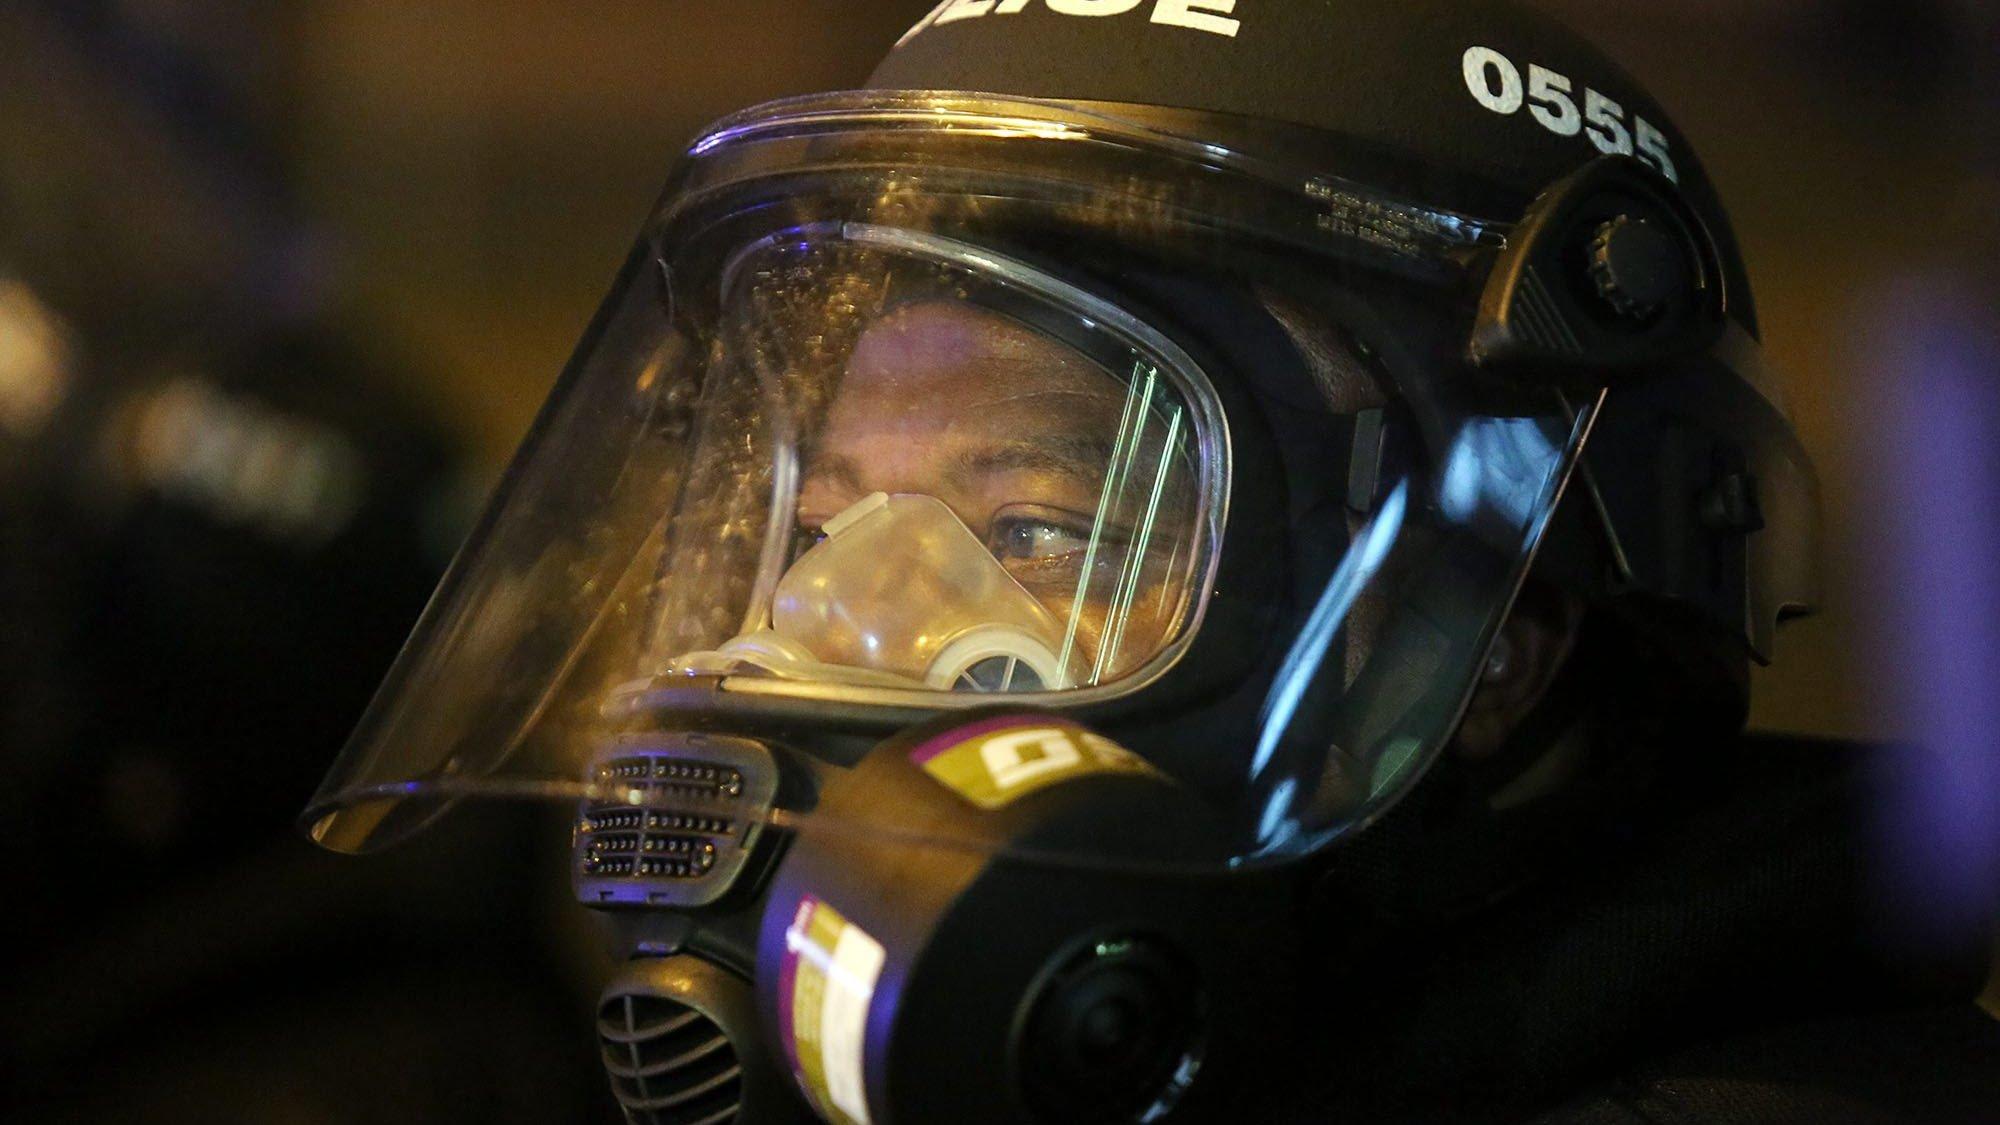 Référendum en Mauritanie: la police disperse des manifestants à coups de gaz lacrymogène